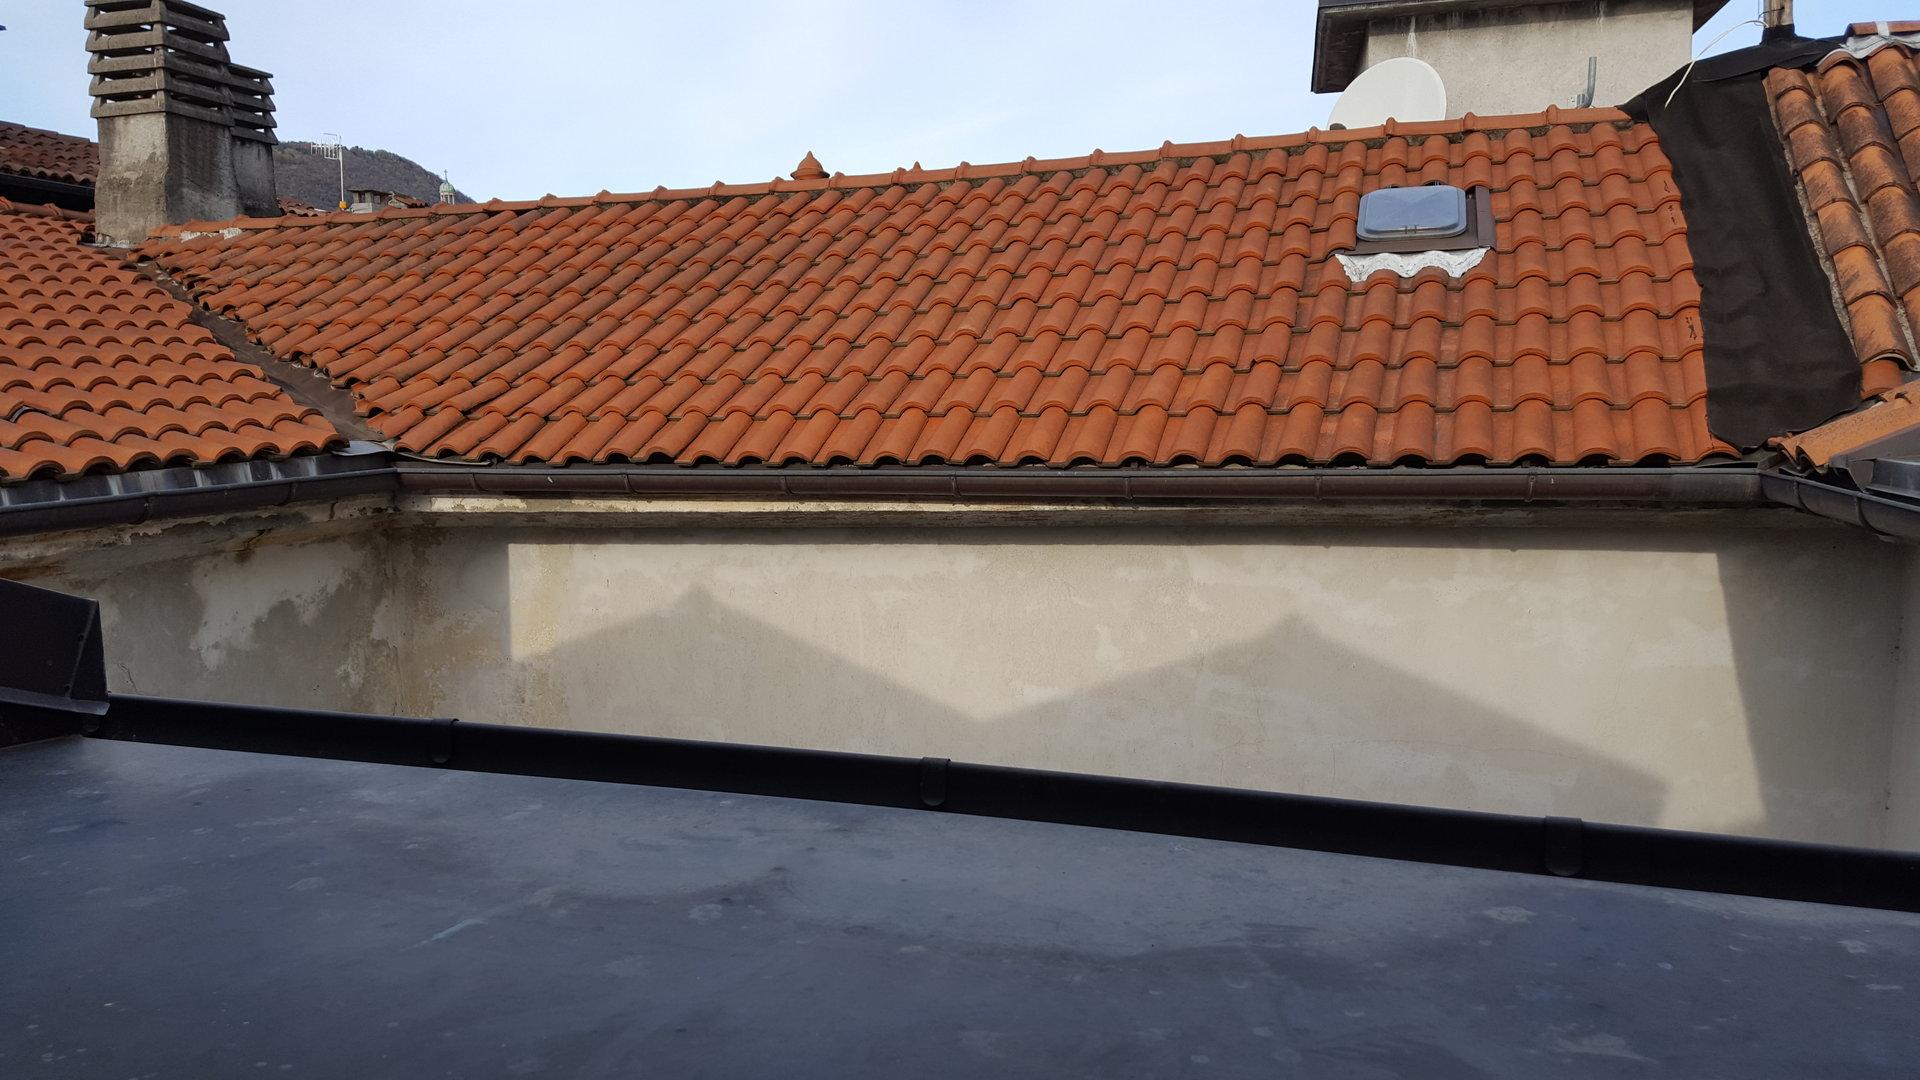 Mansarda consegnata ristrutturata in vendita sul lungolago a Verbania - tetto